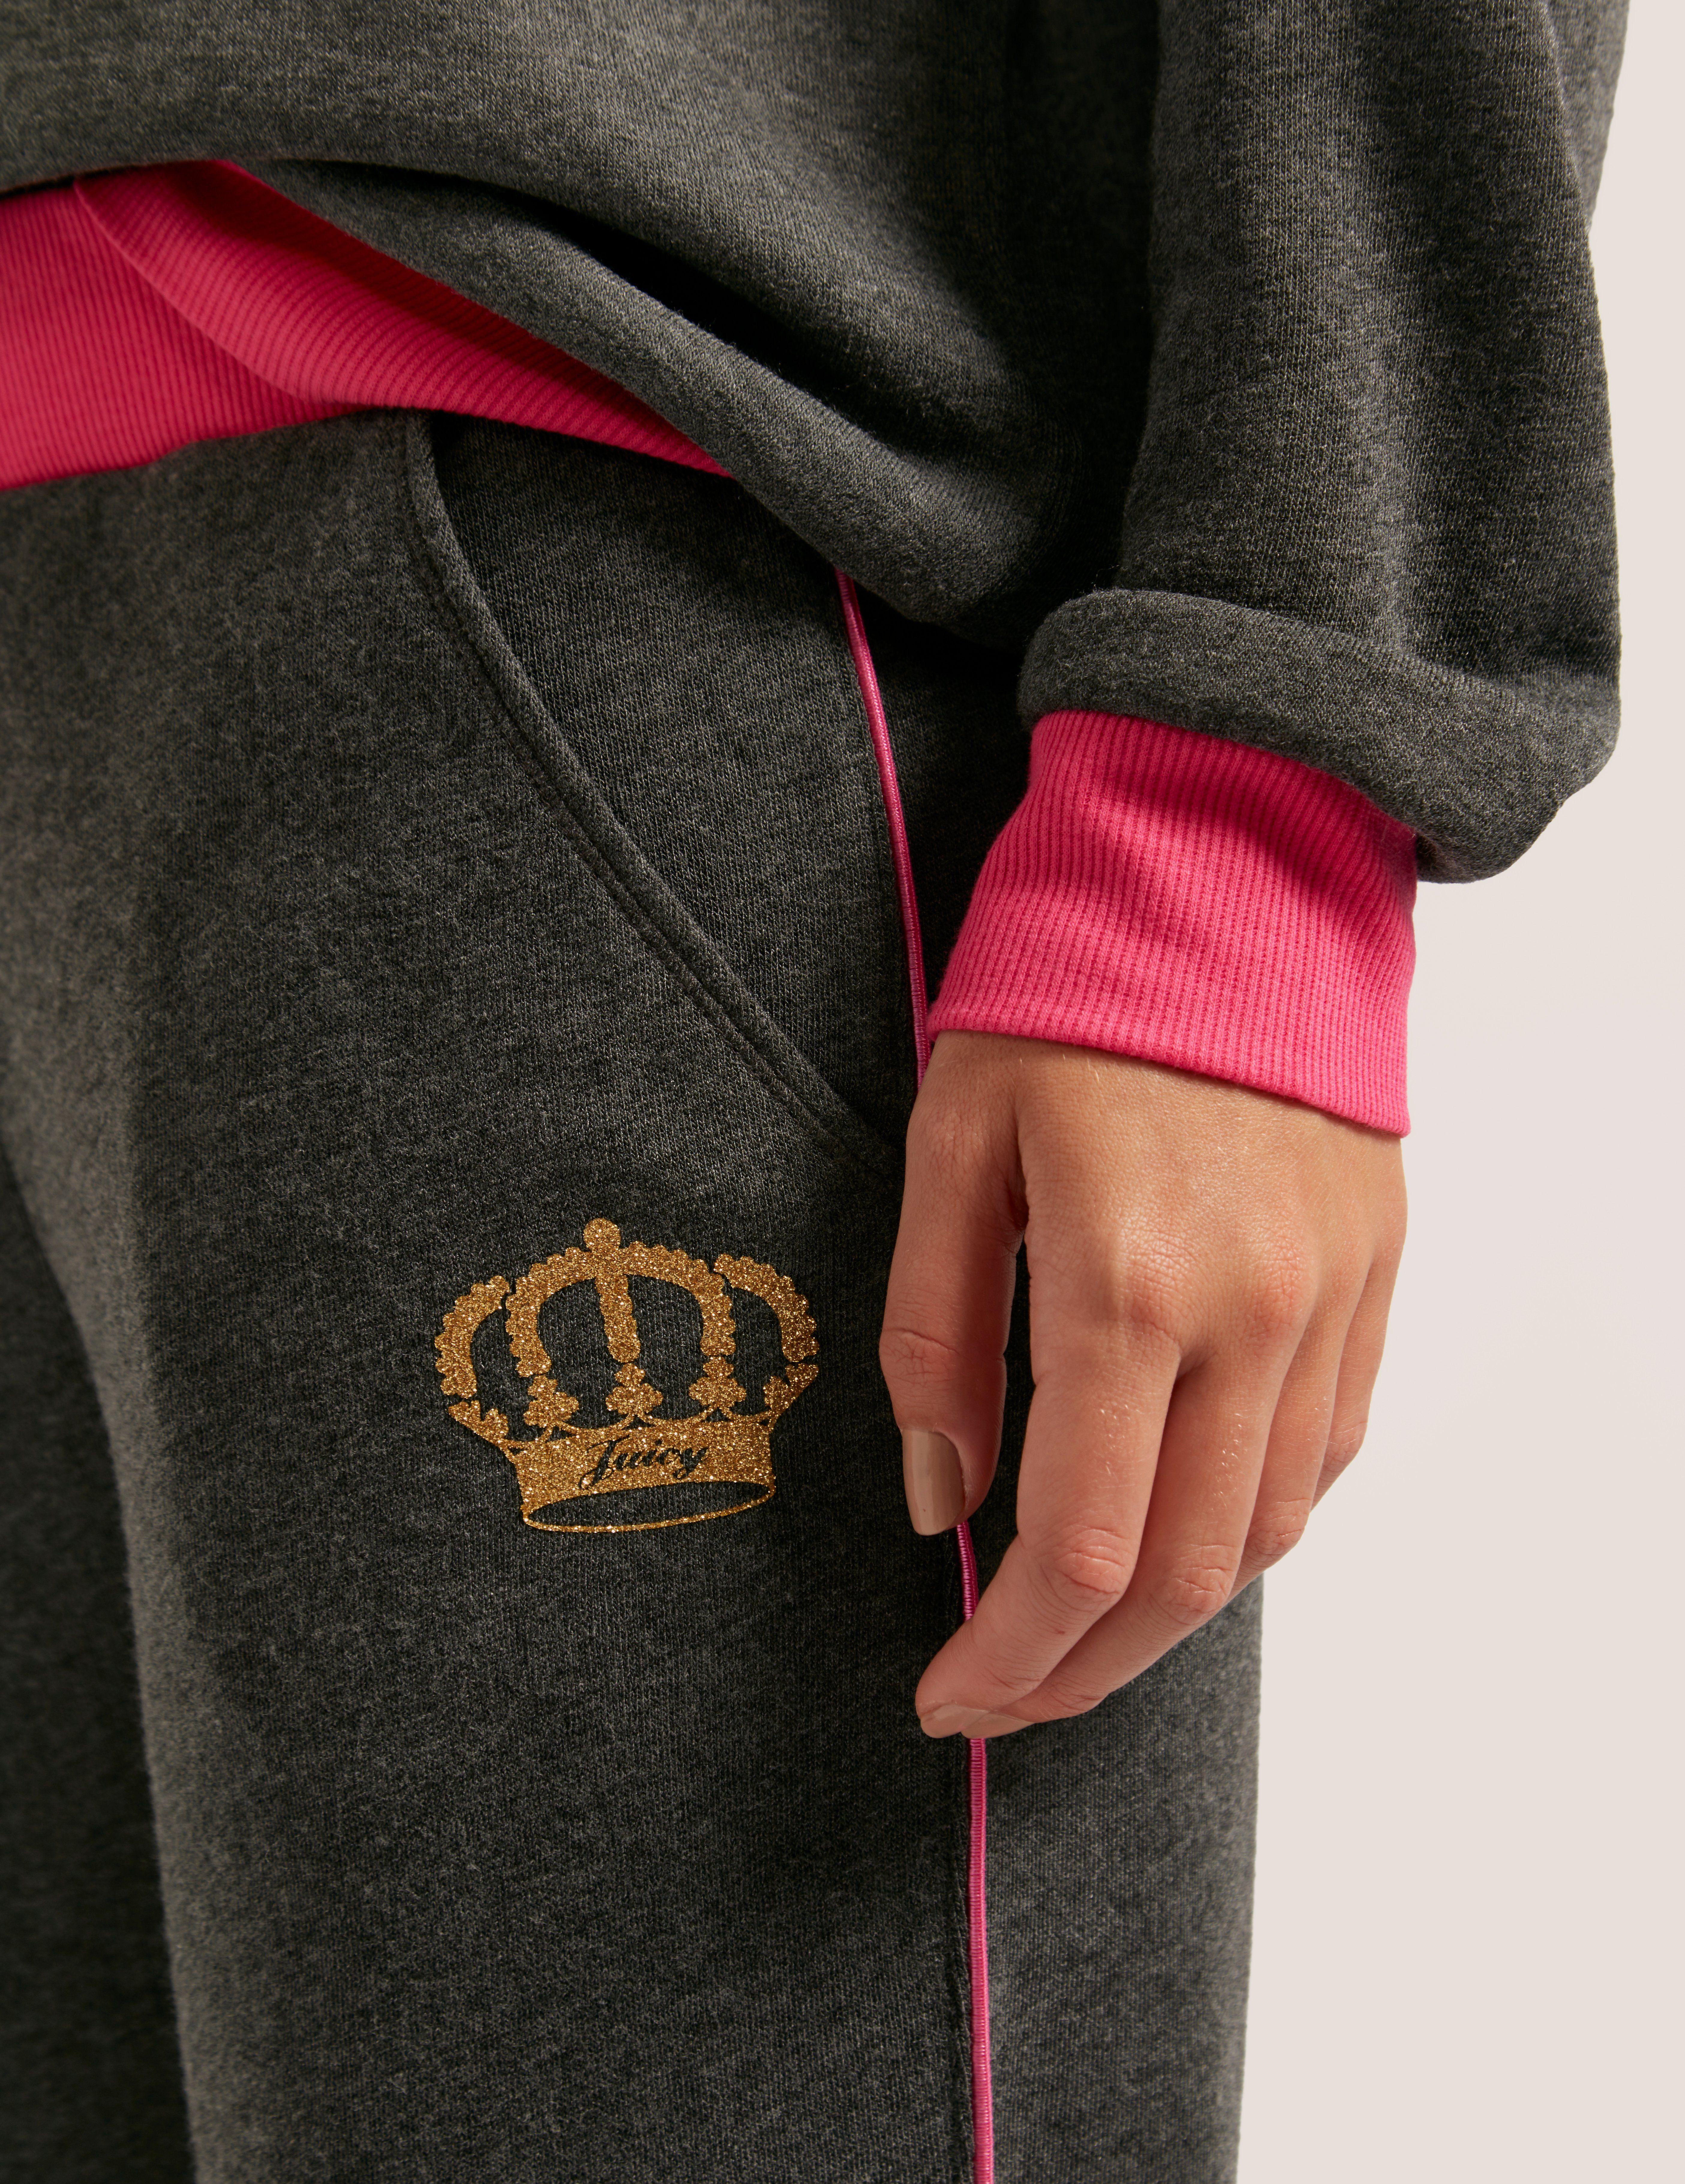 Juicy Couture Crown Fleece Pants